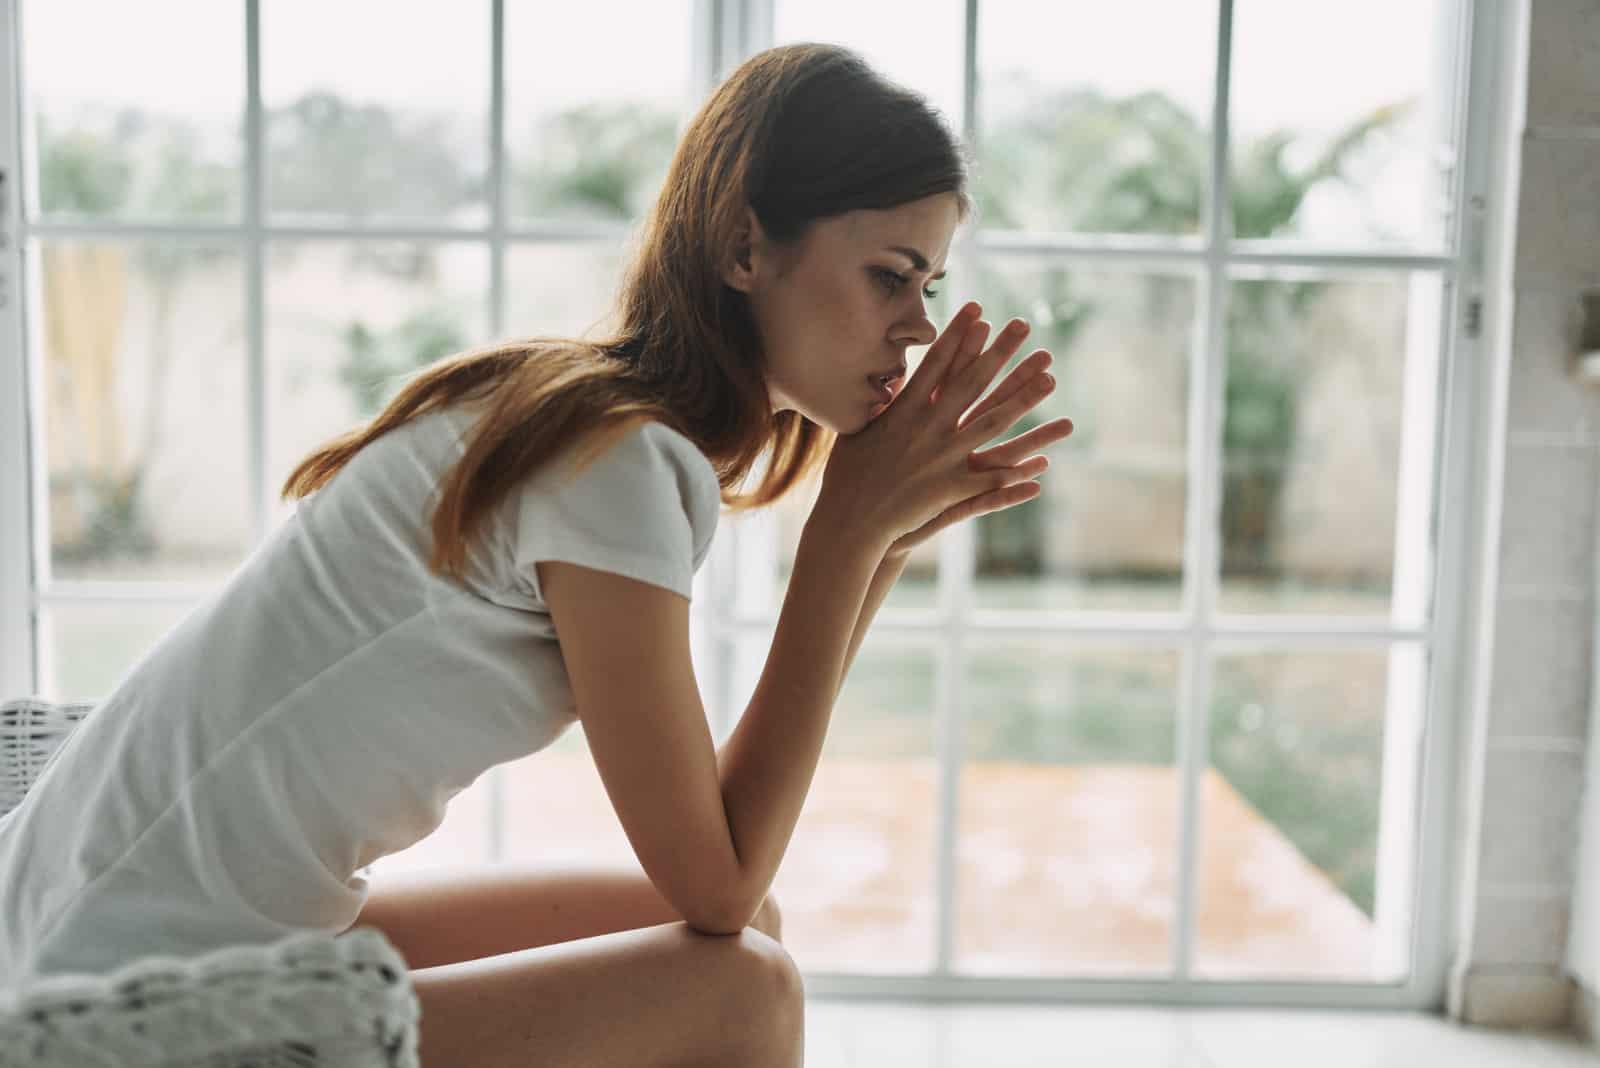 kvinna som sitter nära fönster